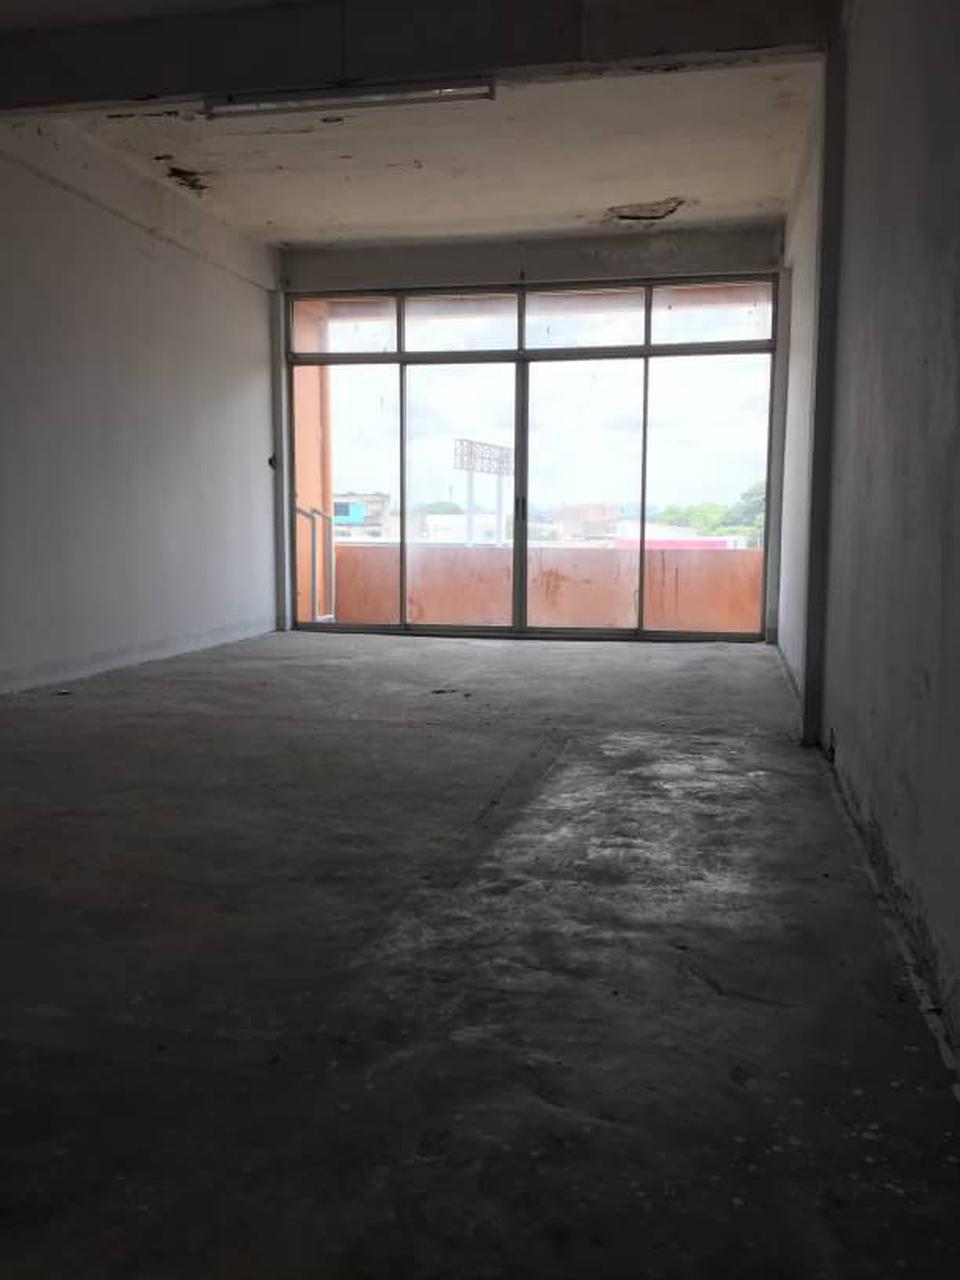 ขายอาคารพานิชย์ 2 คูหา ติดถนนนวมินทร์  รูปที่ 3